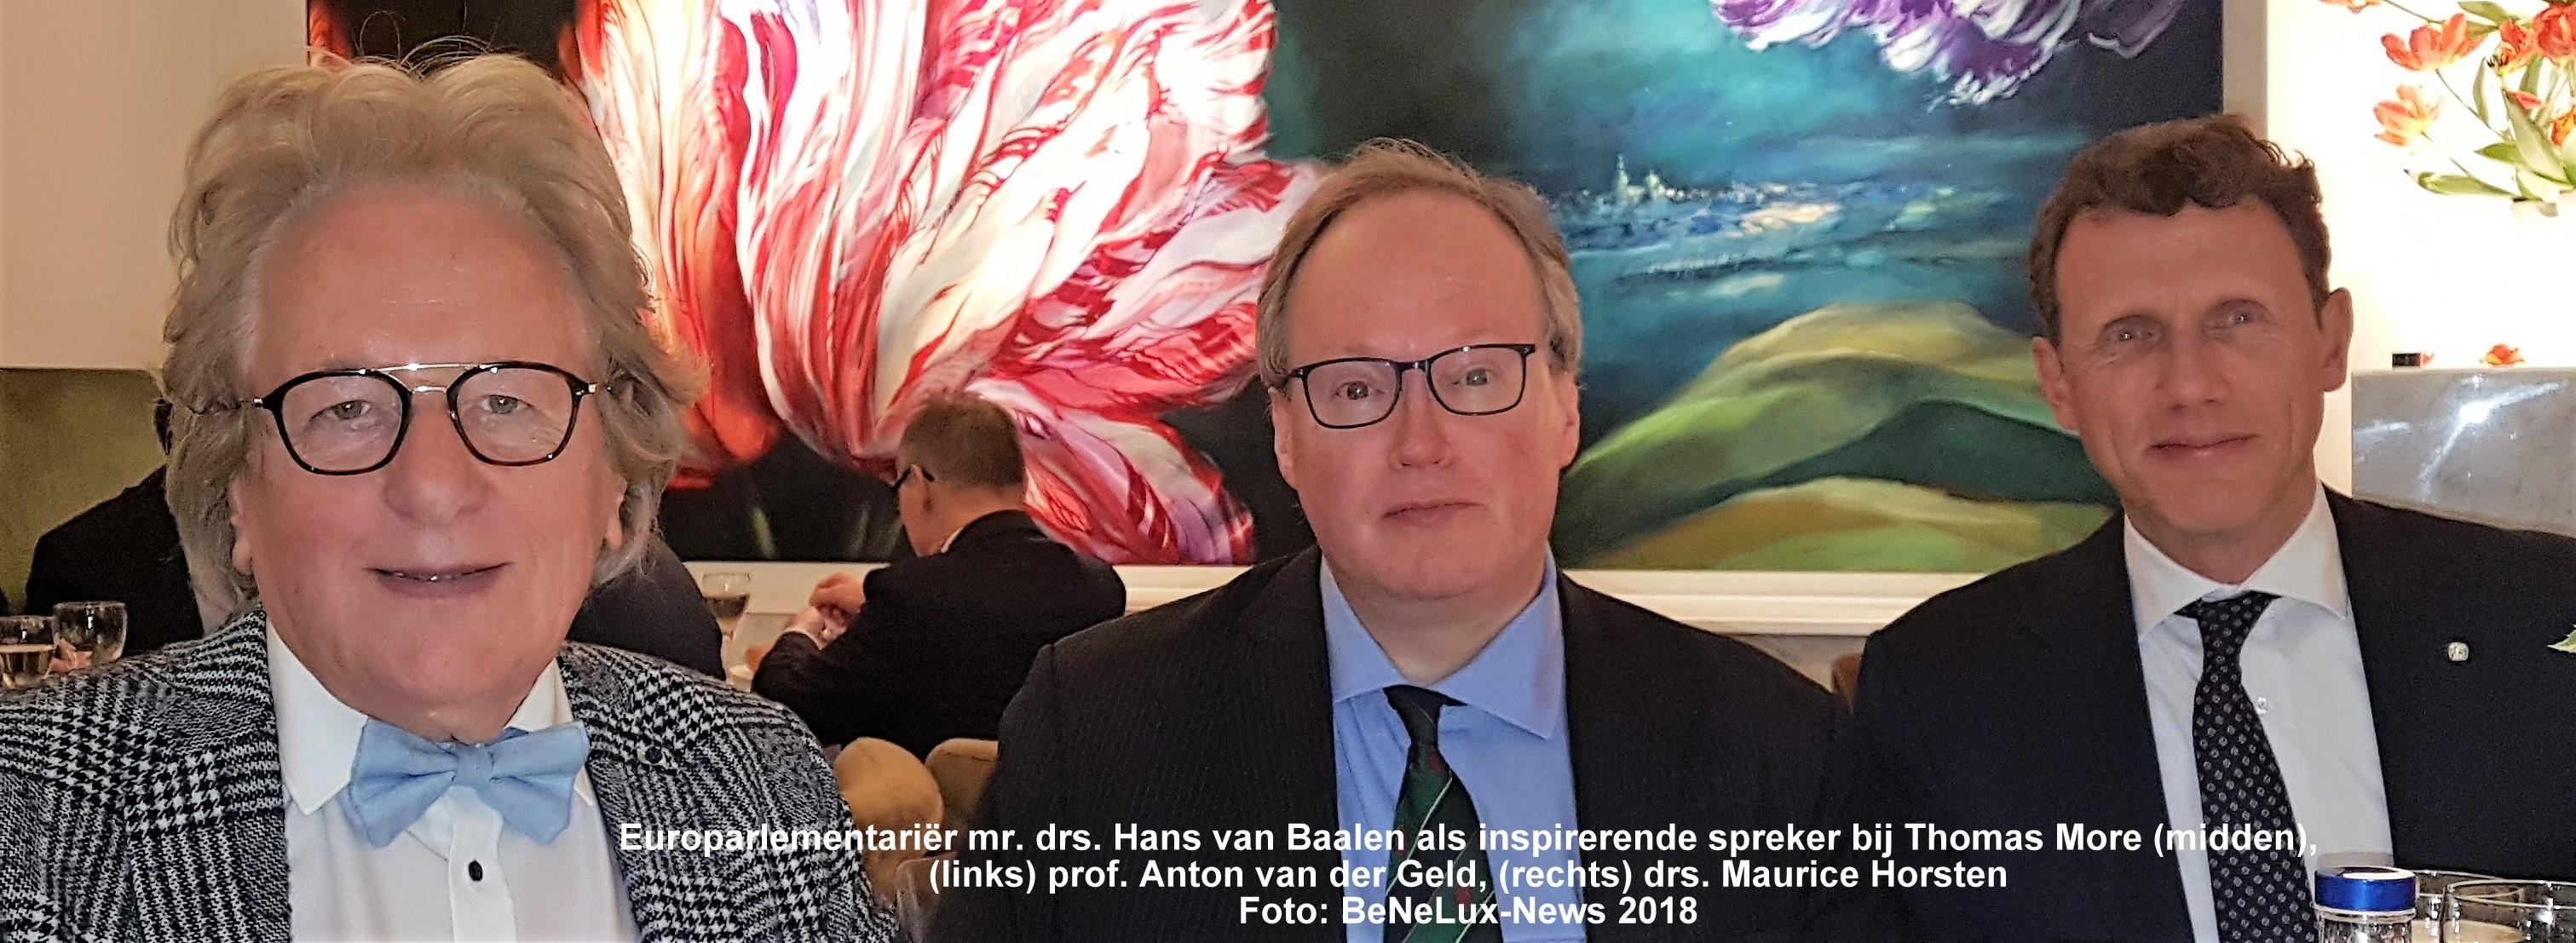 Europarlementariër mr. drs. Hans van Baalen als inspirerende spreker bij Thomas More (midden), (links) prof. Anton van der Geld, (rechts) drs. Maurice Horsten. Foto: BeNeLux-News 2018